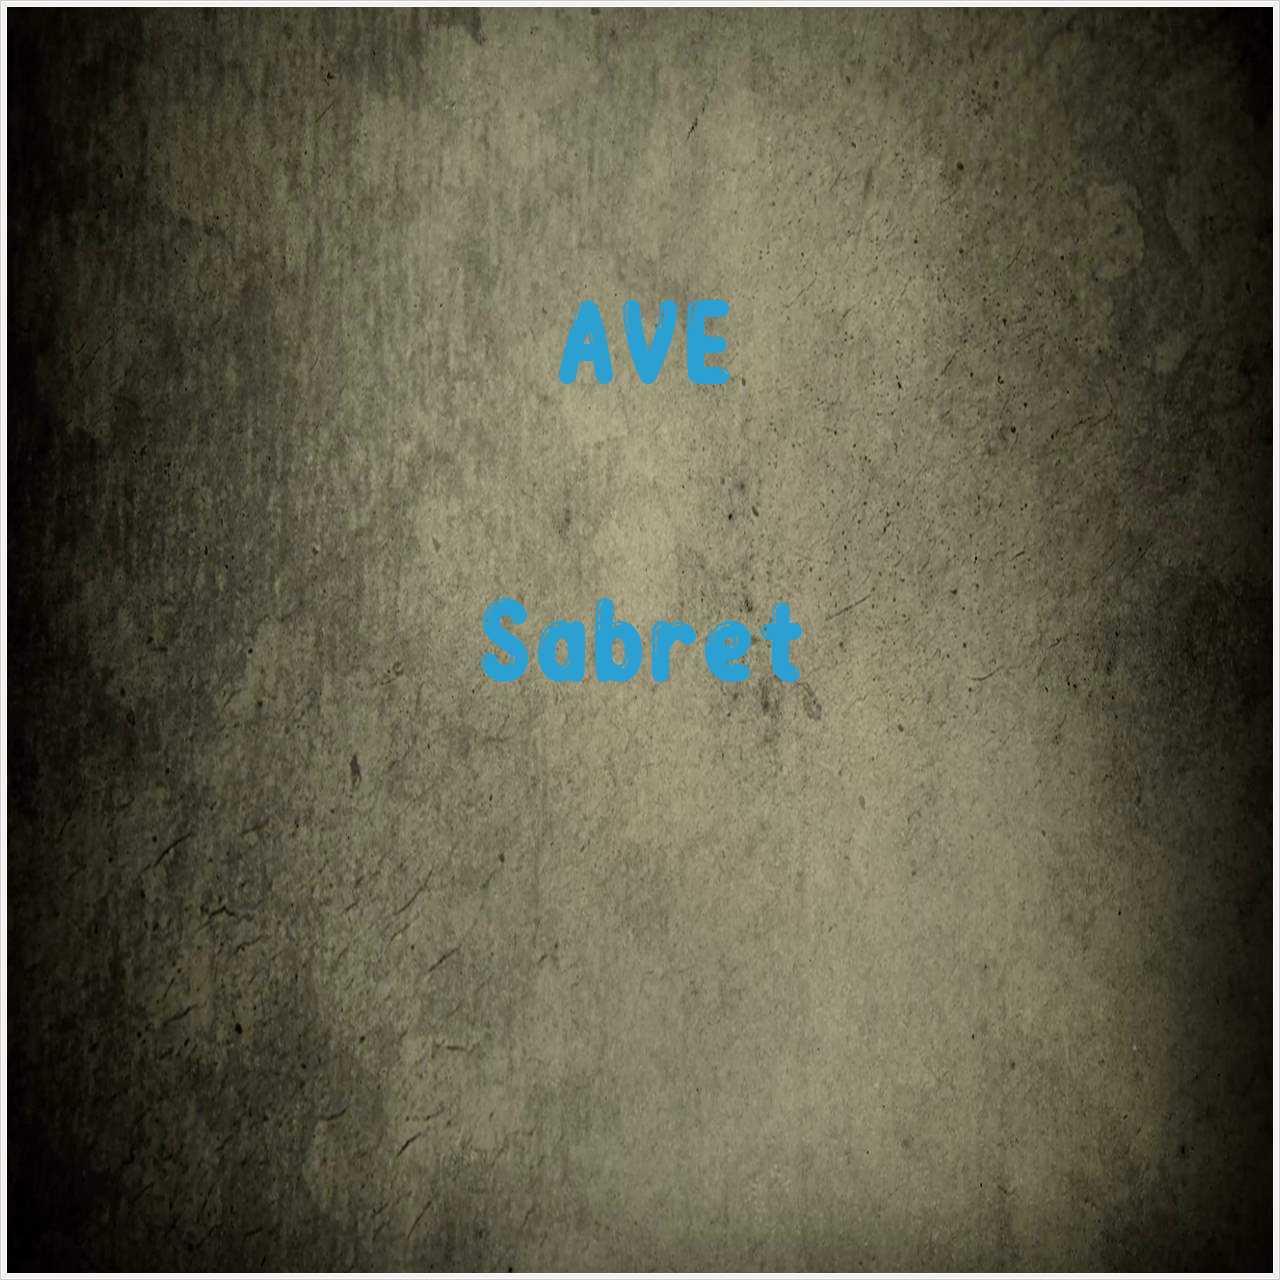 دانلود آهنگ جدید AVE به نام Sabret